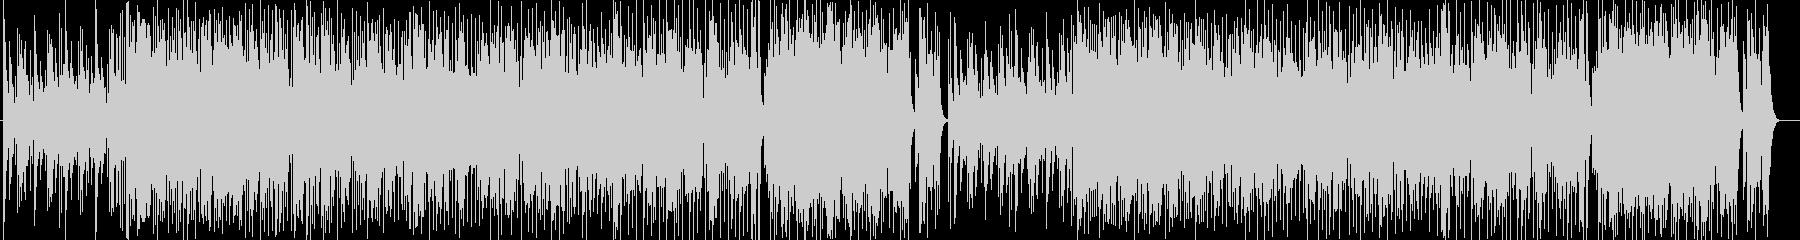 アニメBGM系シンセポップサウンドの未再生の波形